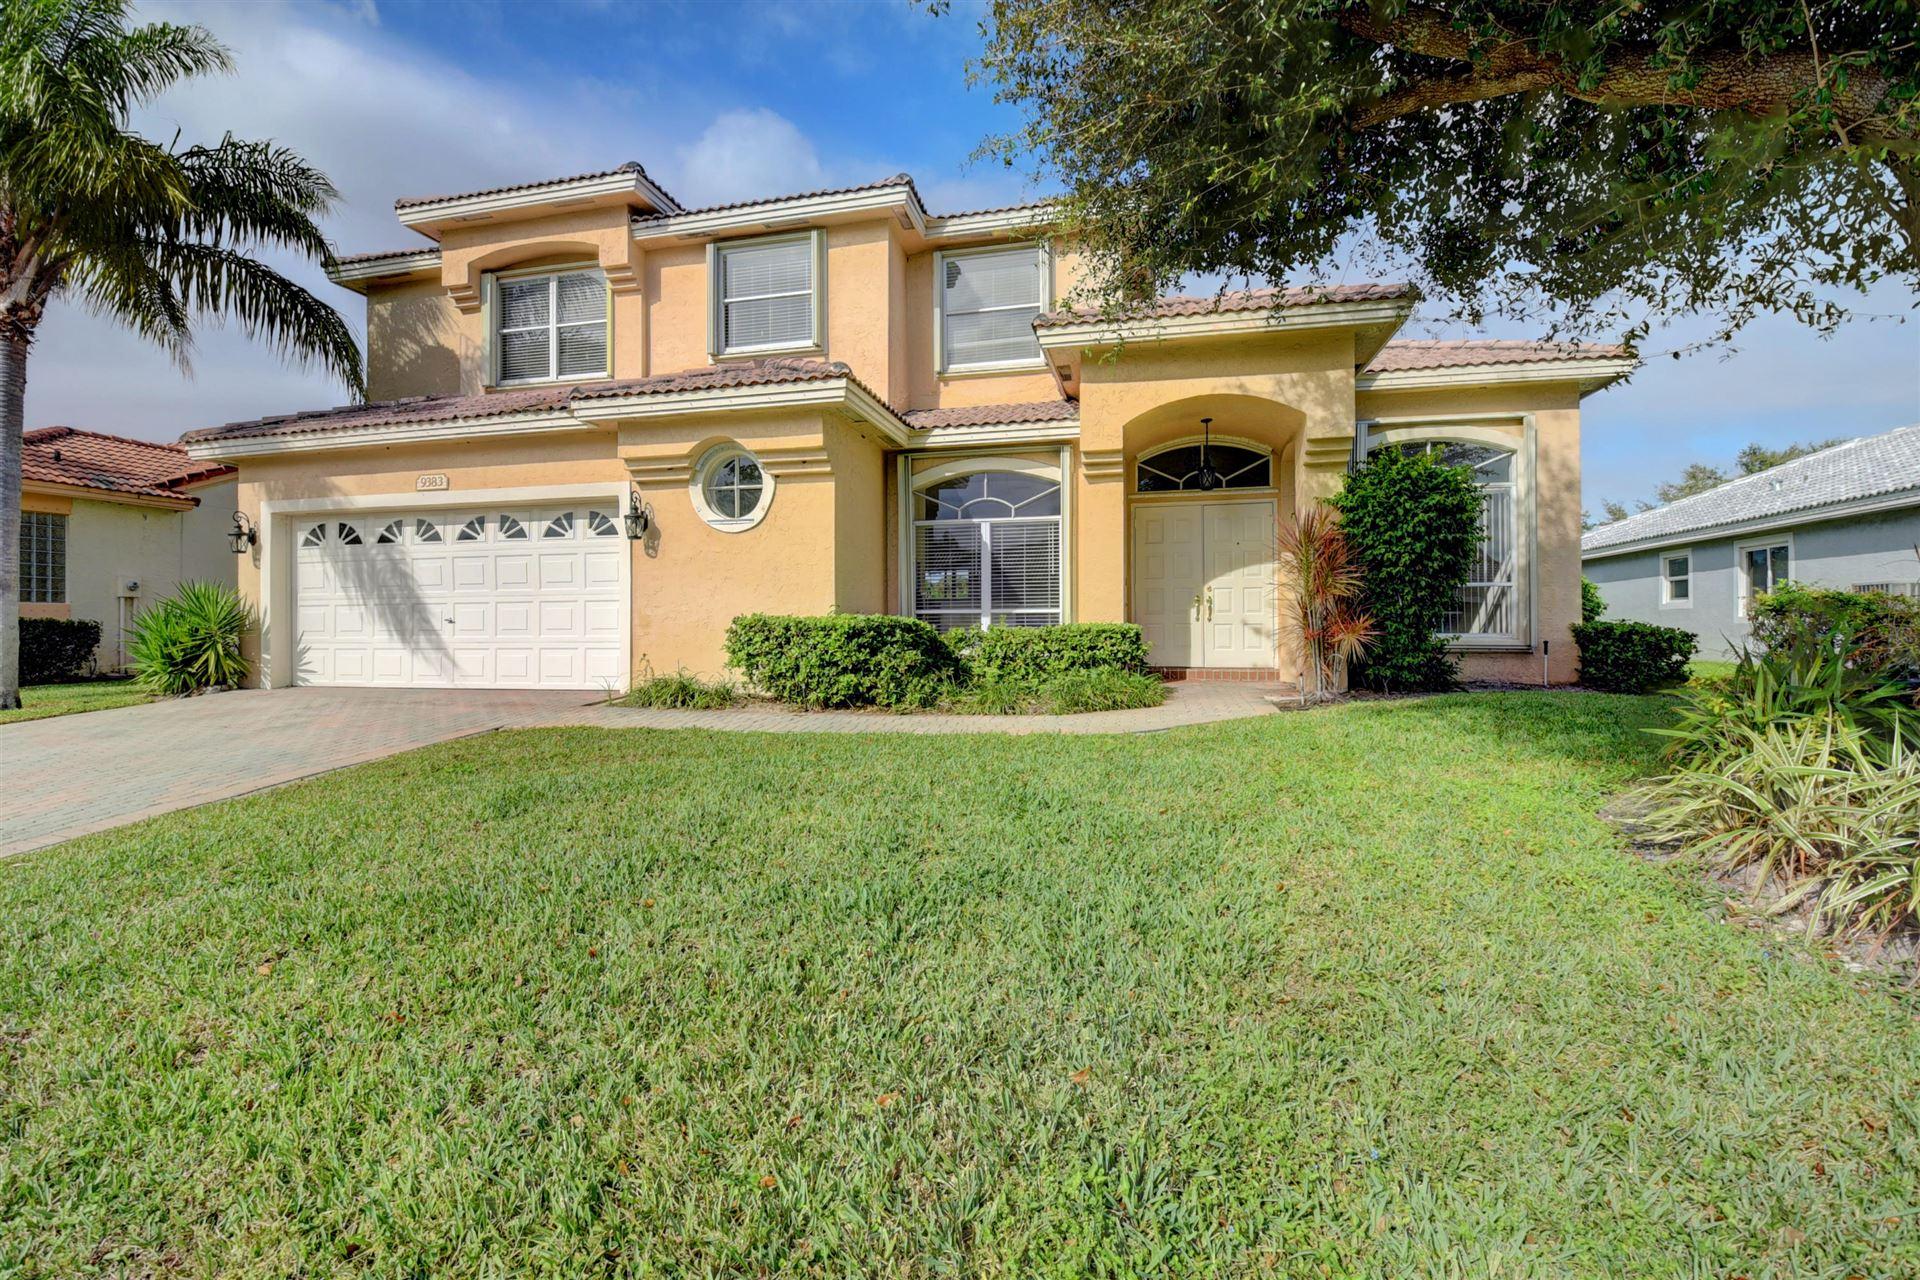 9383 Lake Serena Drive, Boca Raton, FL 33496 - #: RX-10583352